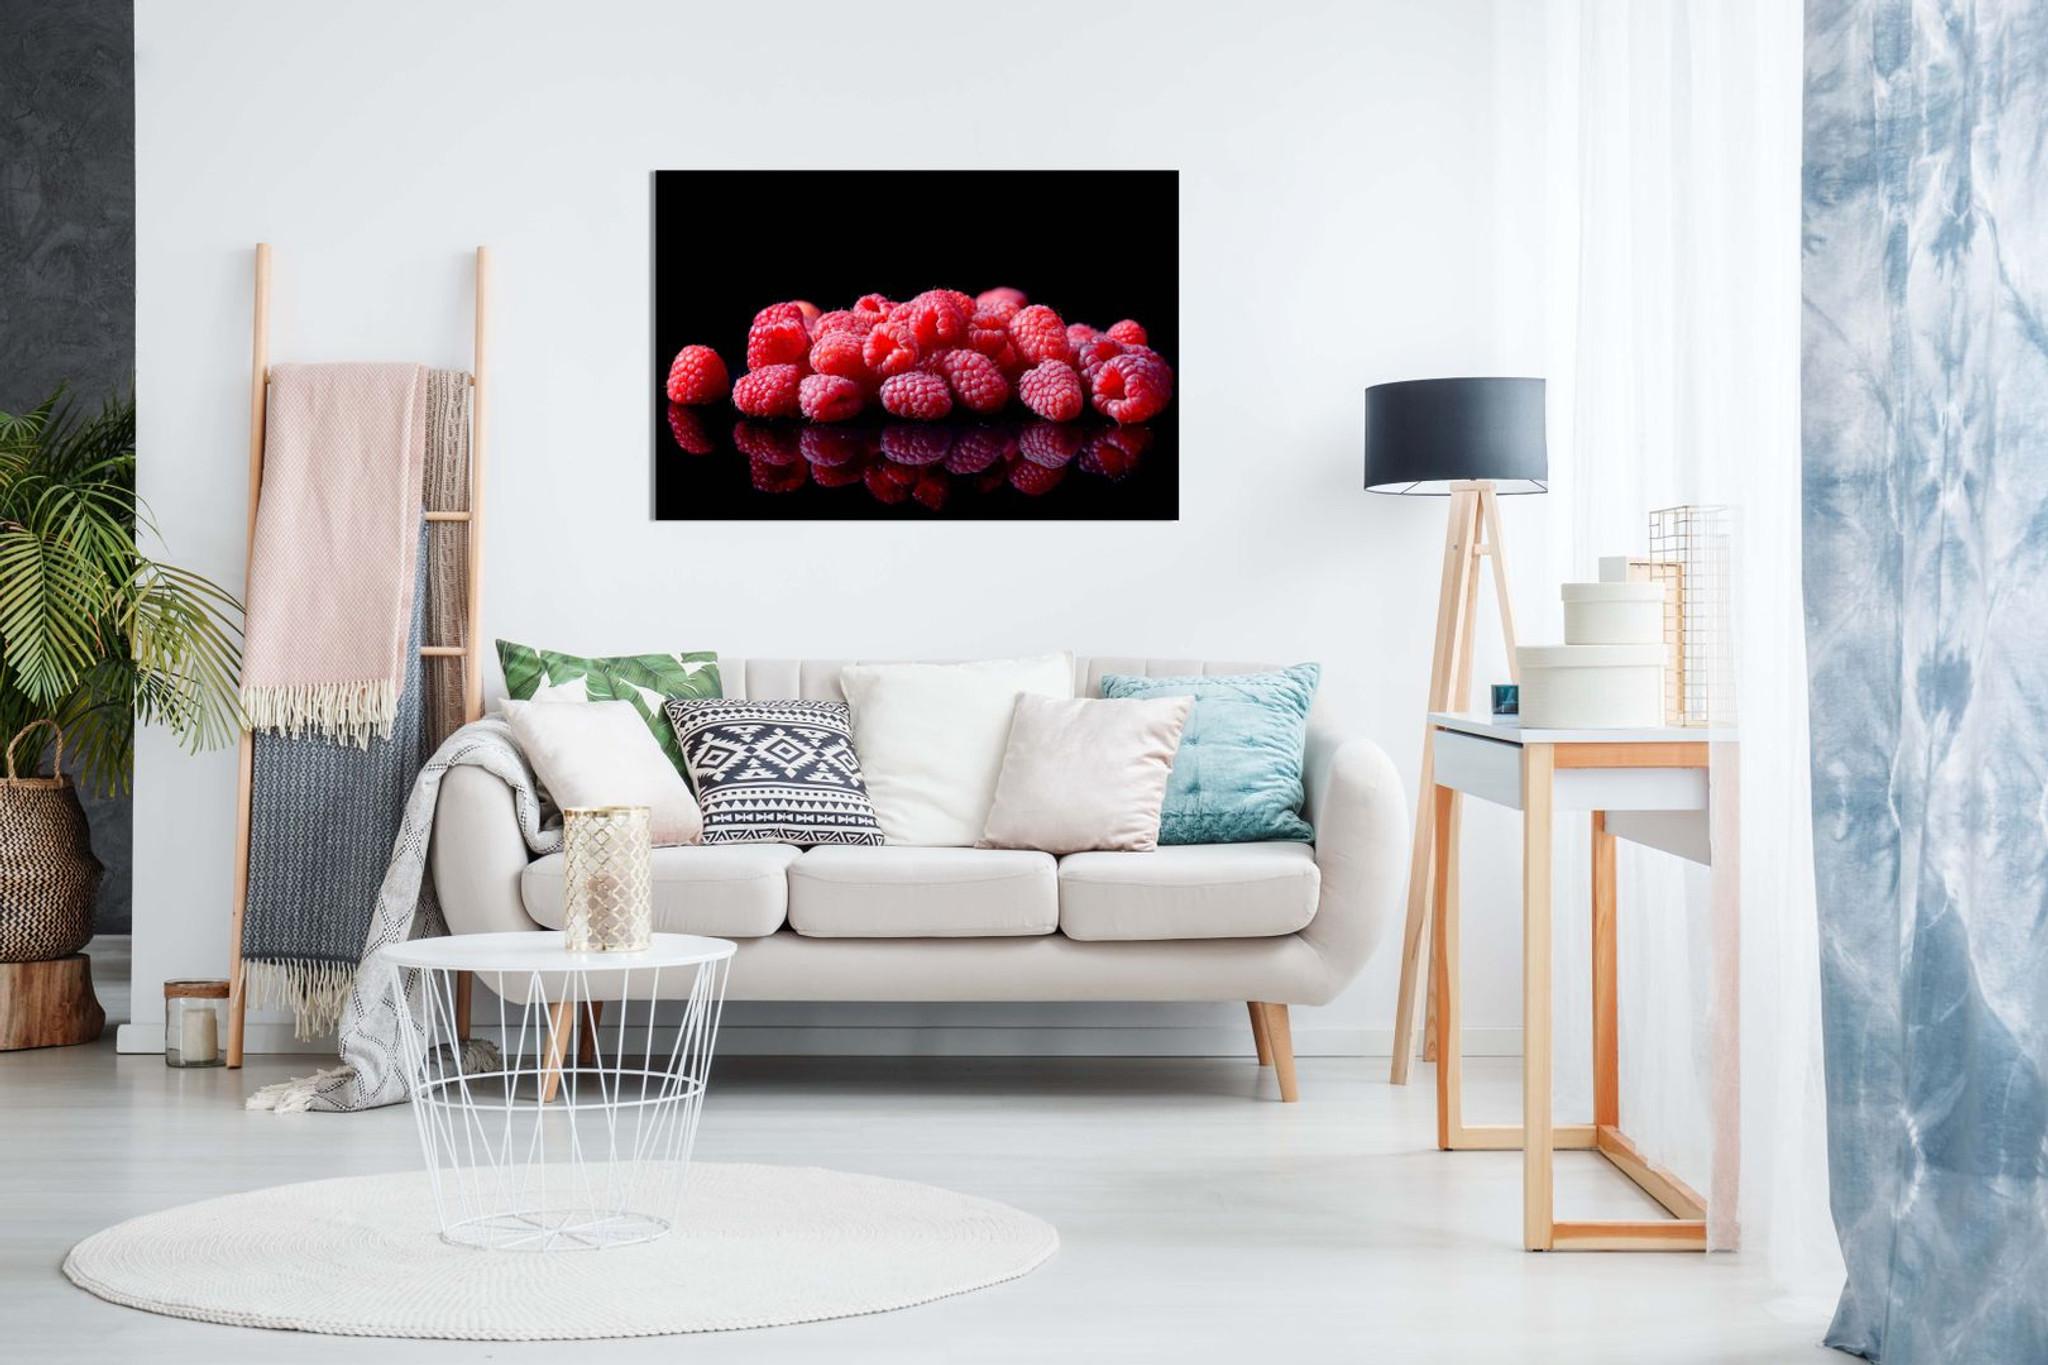 Raspberries On Black Background Kitchen Art Canvas